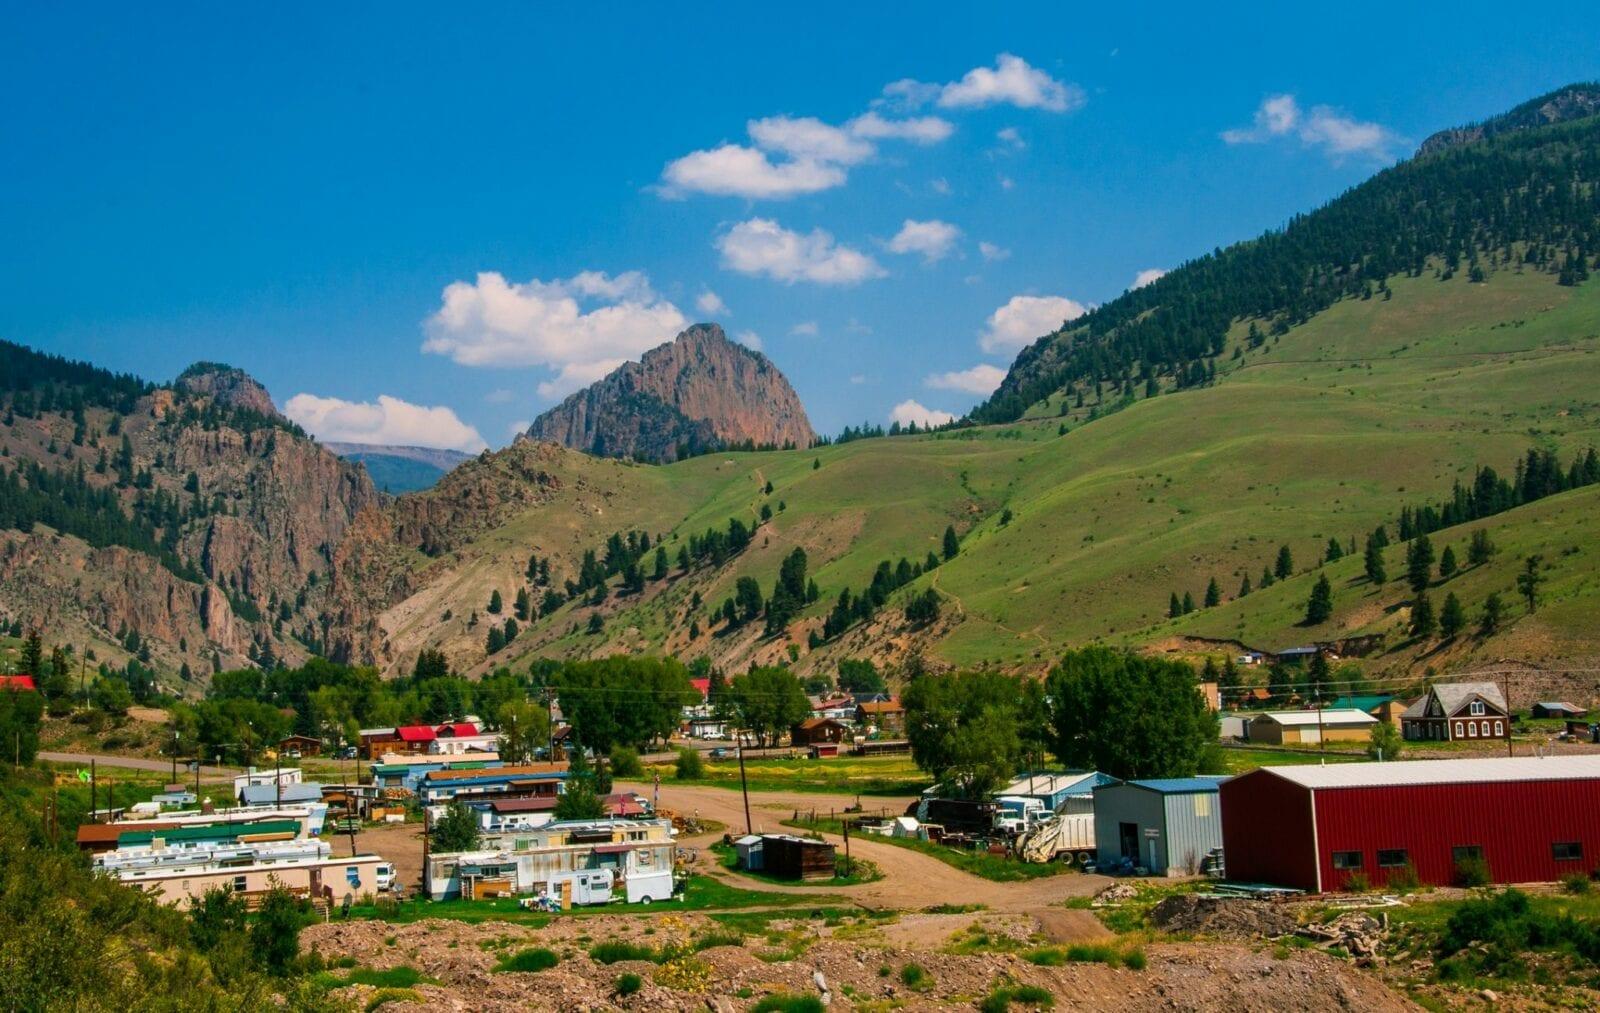 image of Creede Colorado